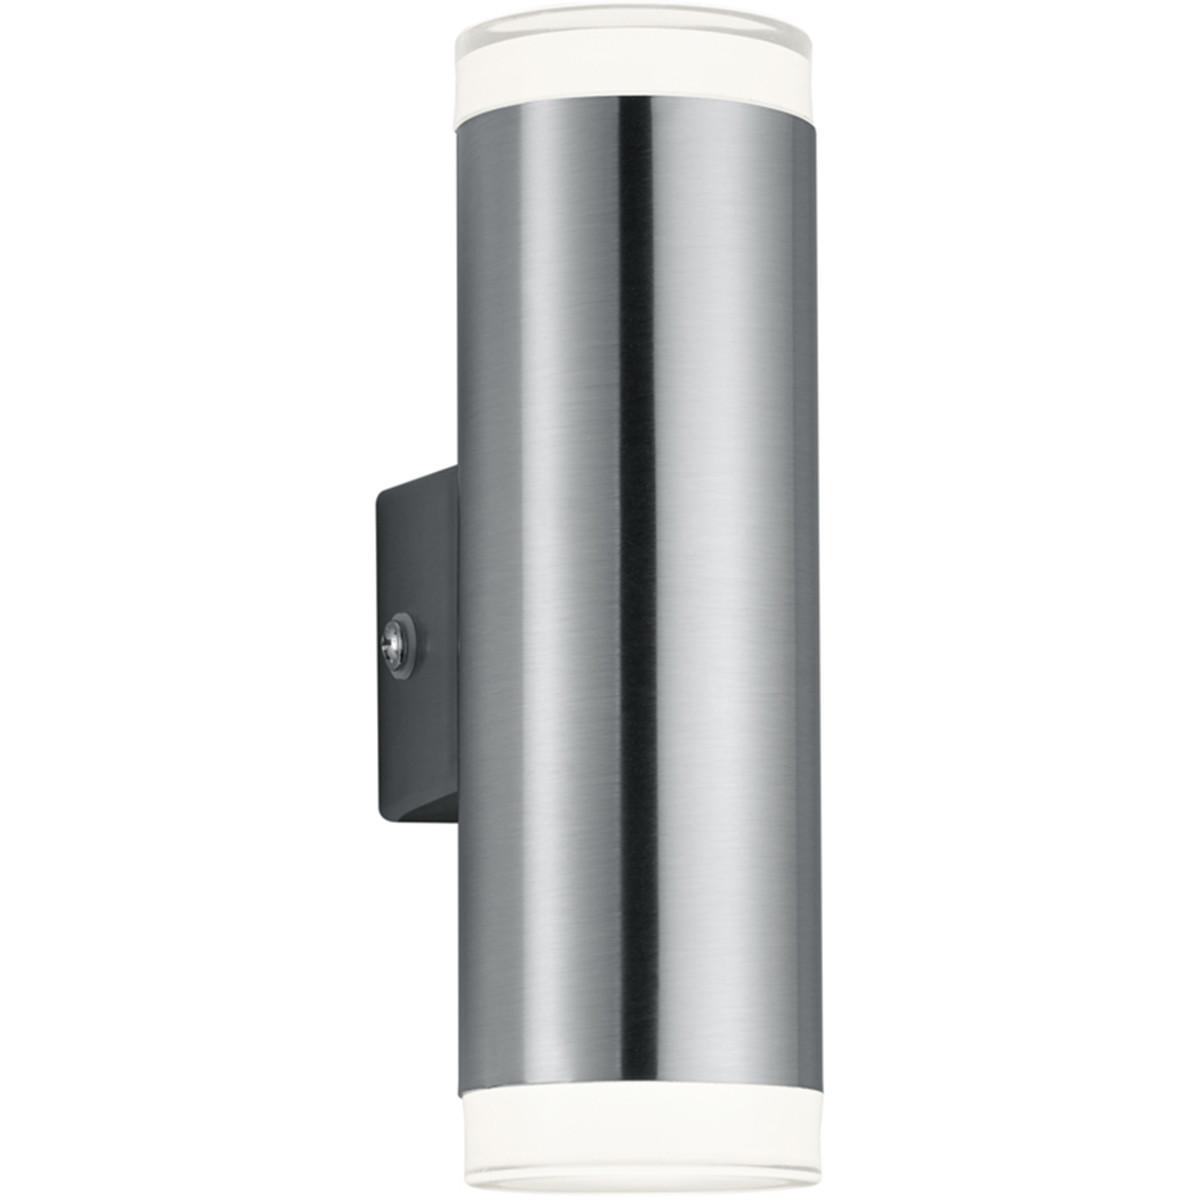 LED Tuinverlichting - Tuinlamp - Trion Arinat - Wand - 2-lichts - 4W - Warm Wit 3000K - Rond - Mat N